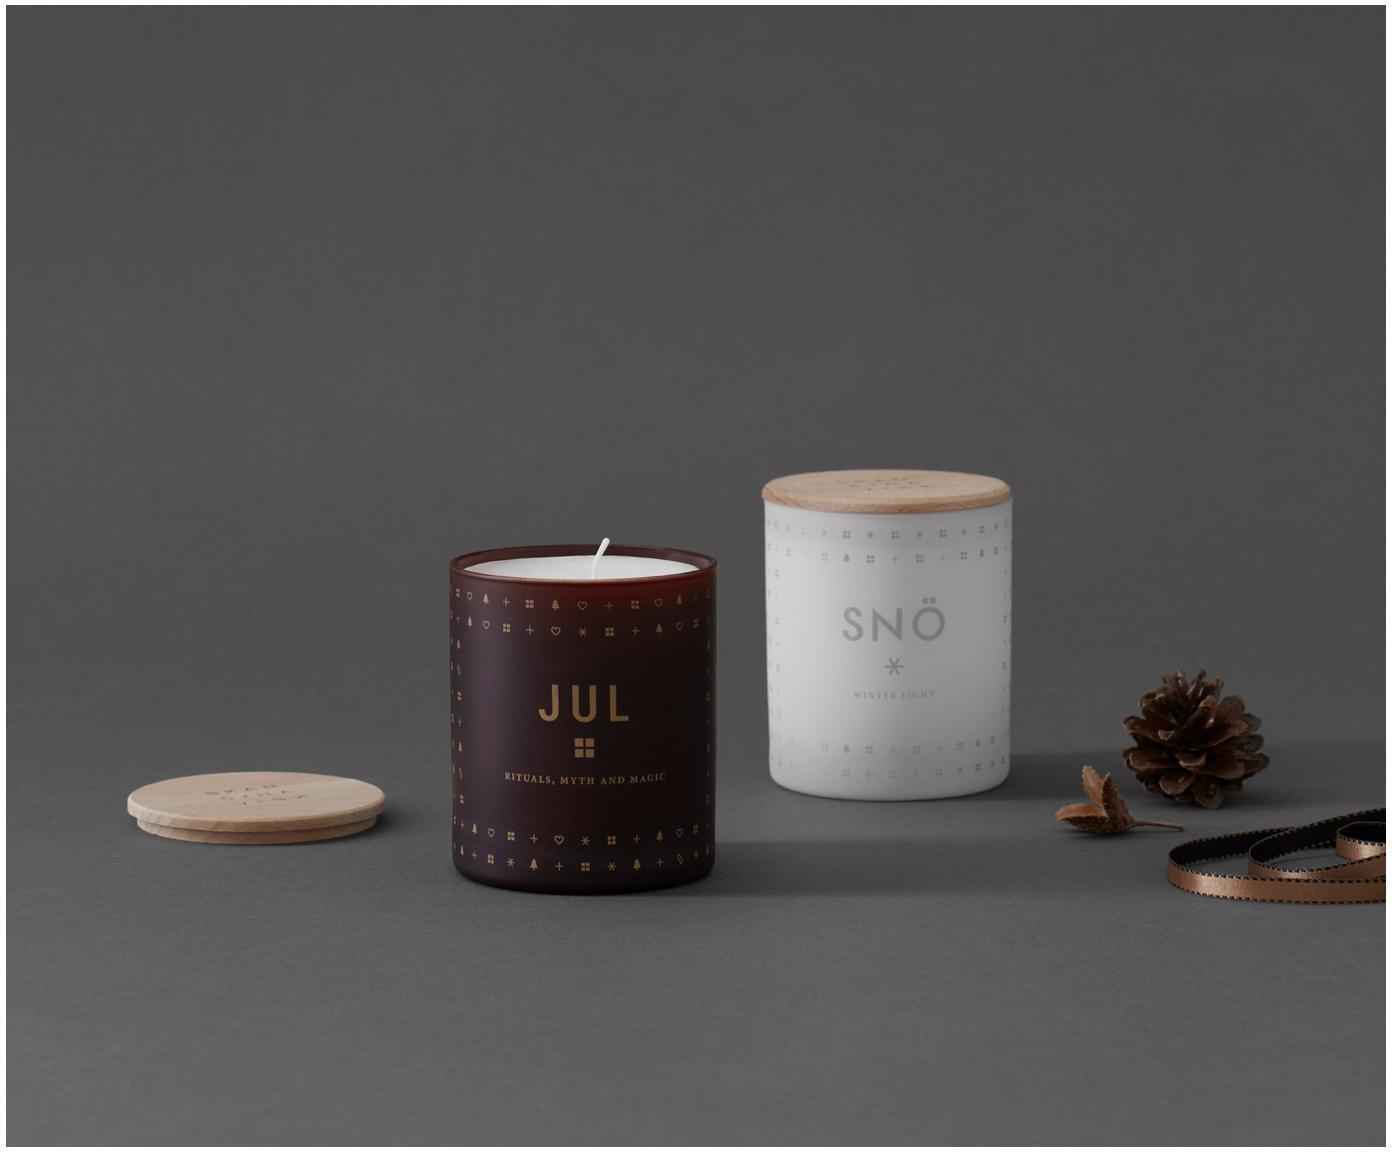 Świeca zapachowa Jul (pierniki, miód i goździki), Burgundowy pokrywka: drewno bukowe, Ø 8 x W 9 cm